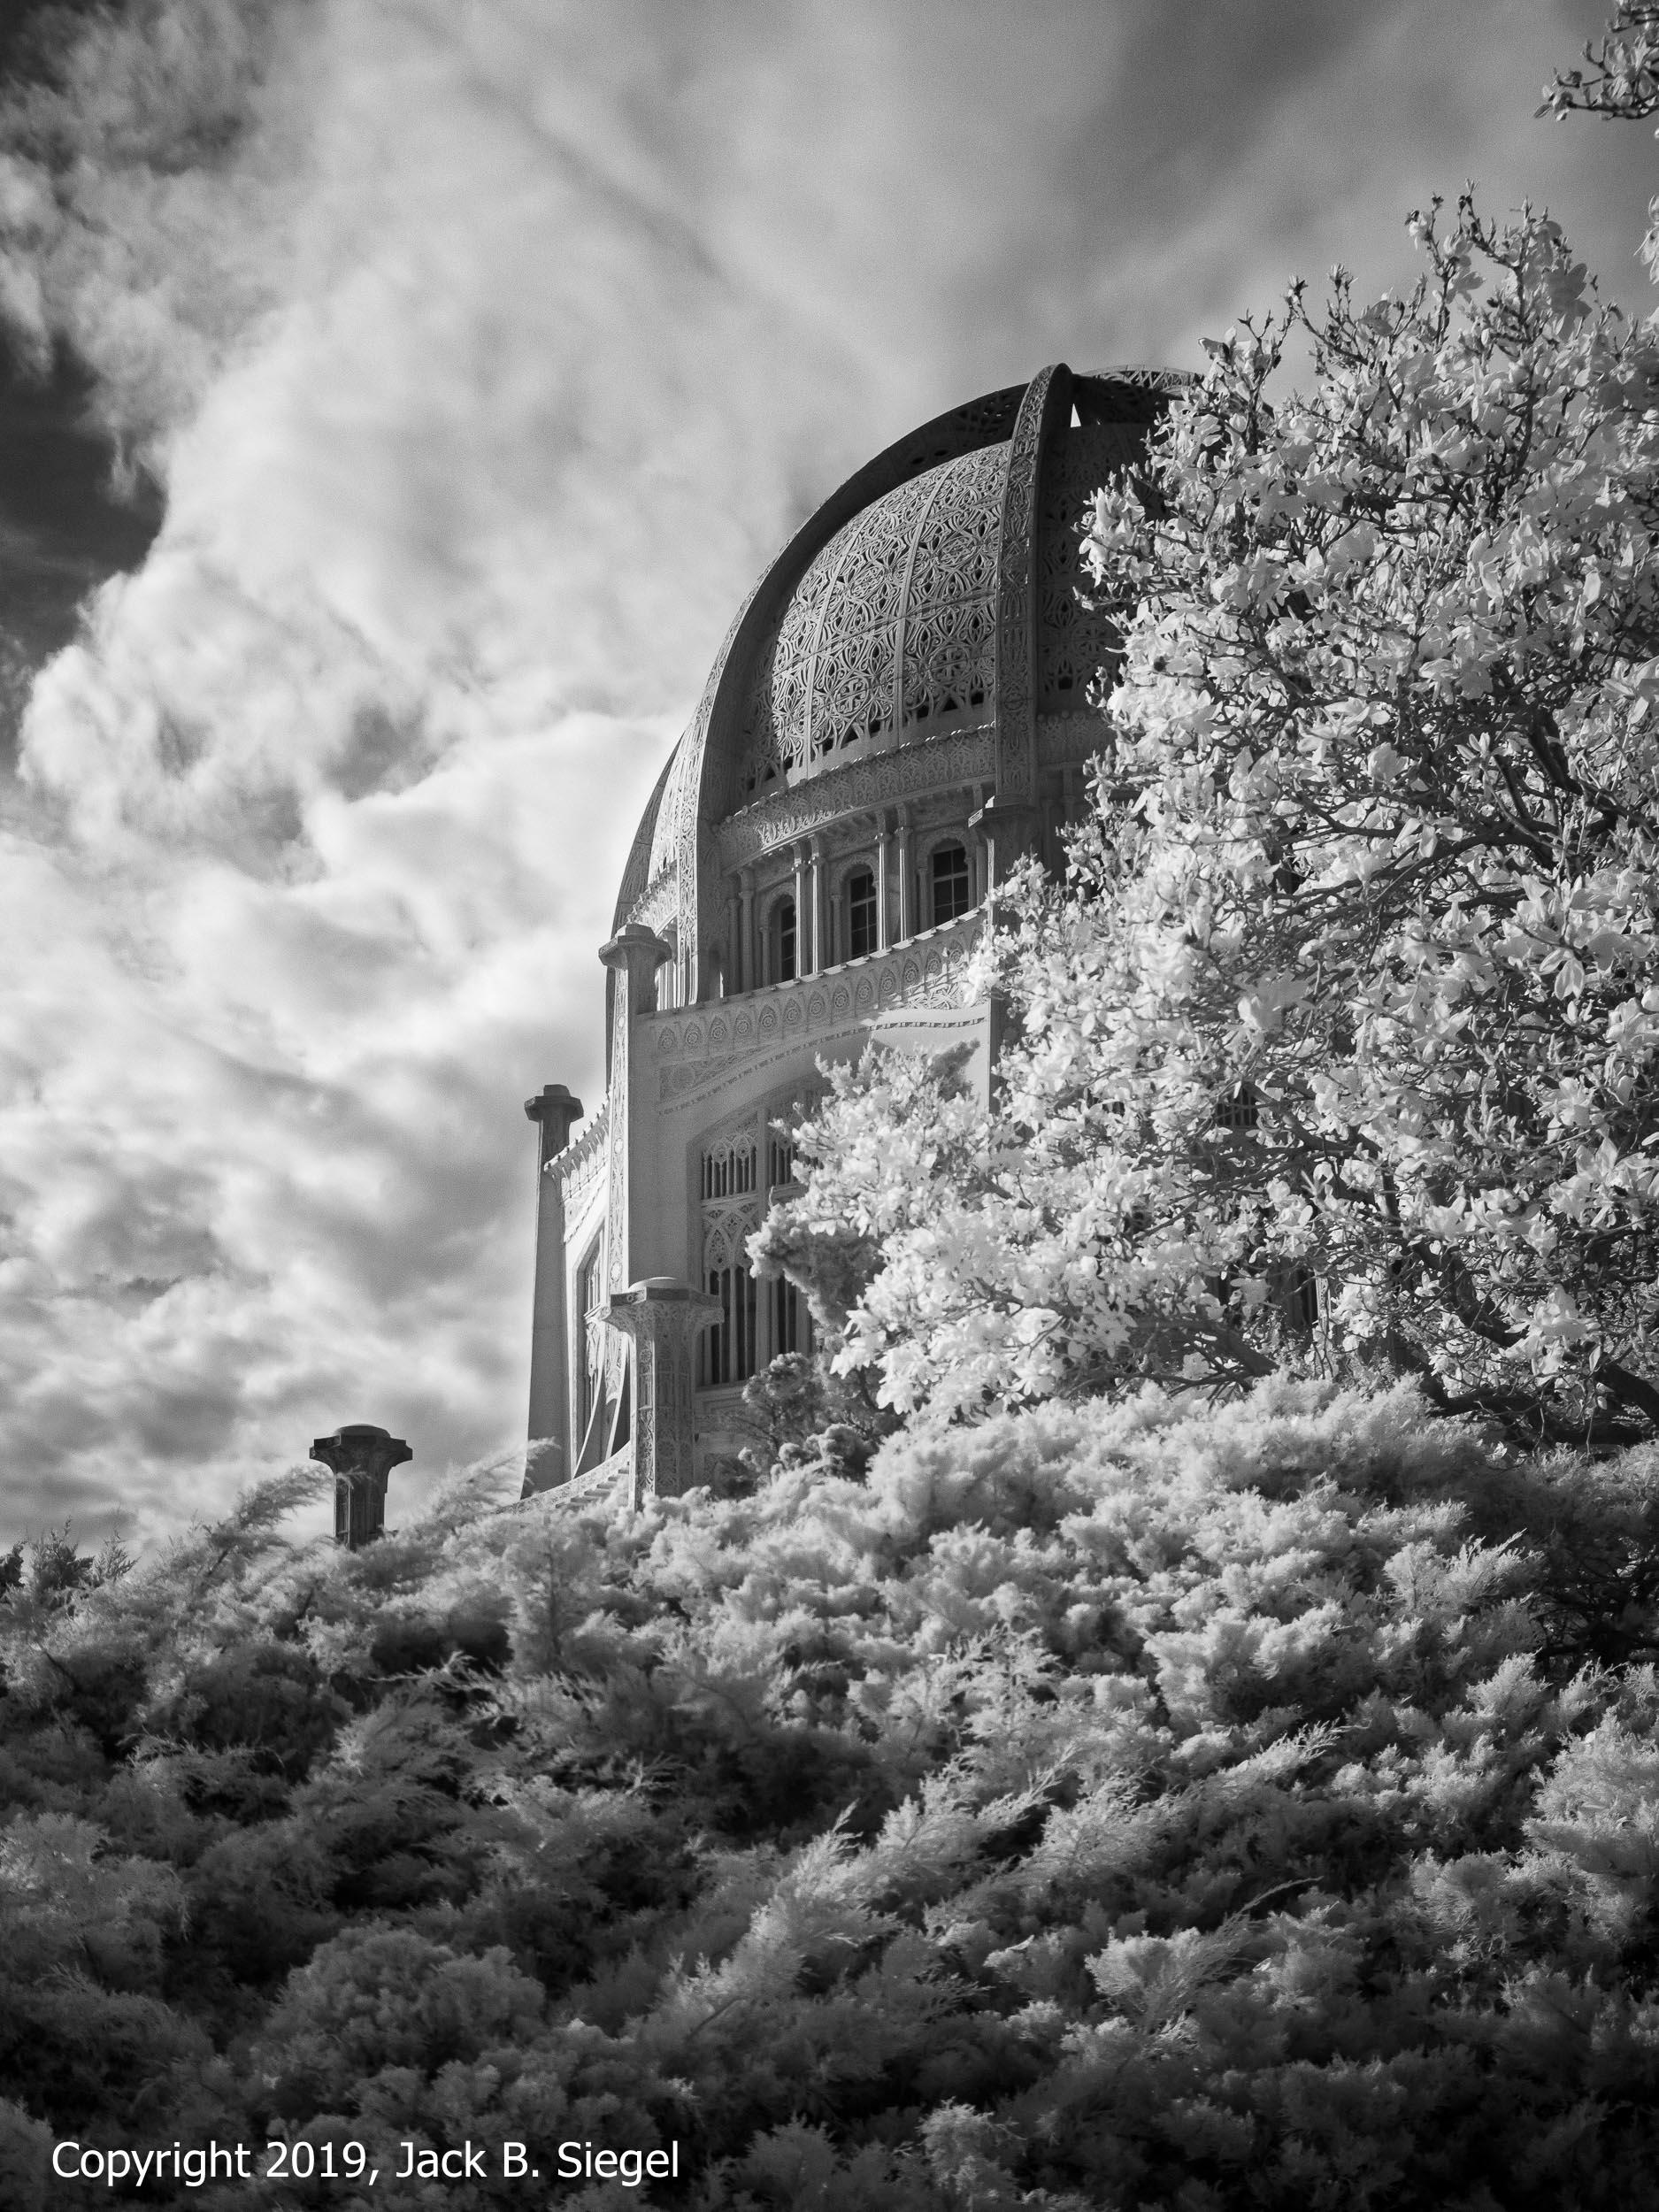 The Bahá'í Temple in Willamette